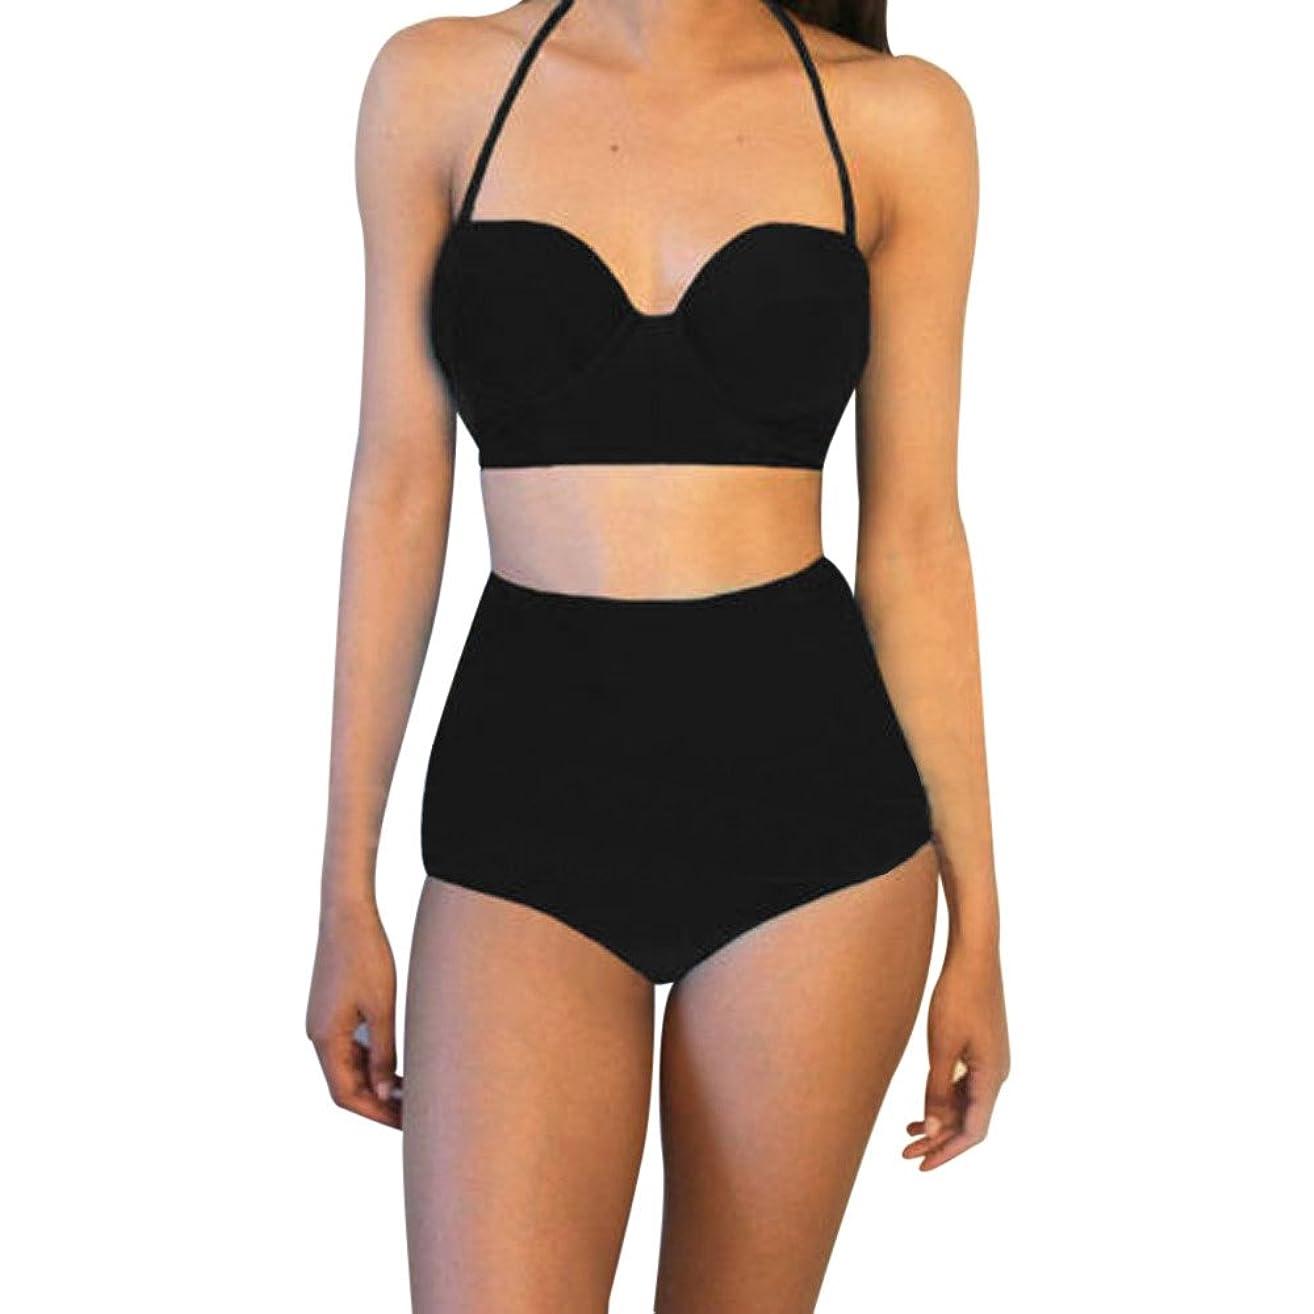 Women Bikini Swimwear Two Piece Solid High Waist Padded Bra Swimsuit Beachwear Bathing Suit On Sale